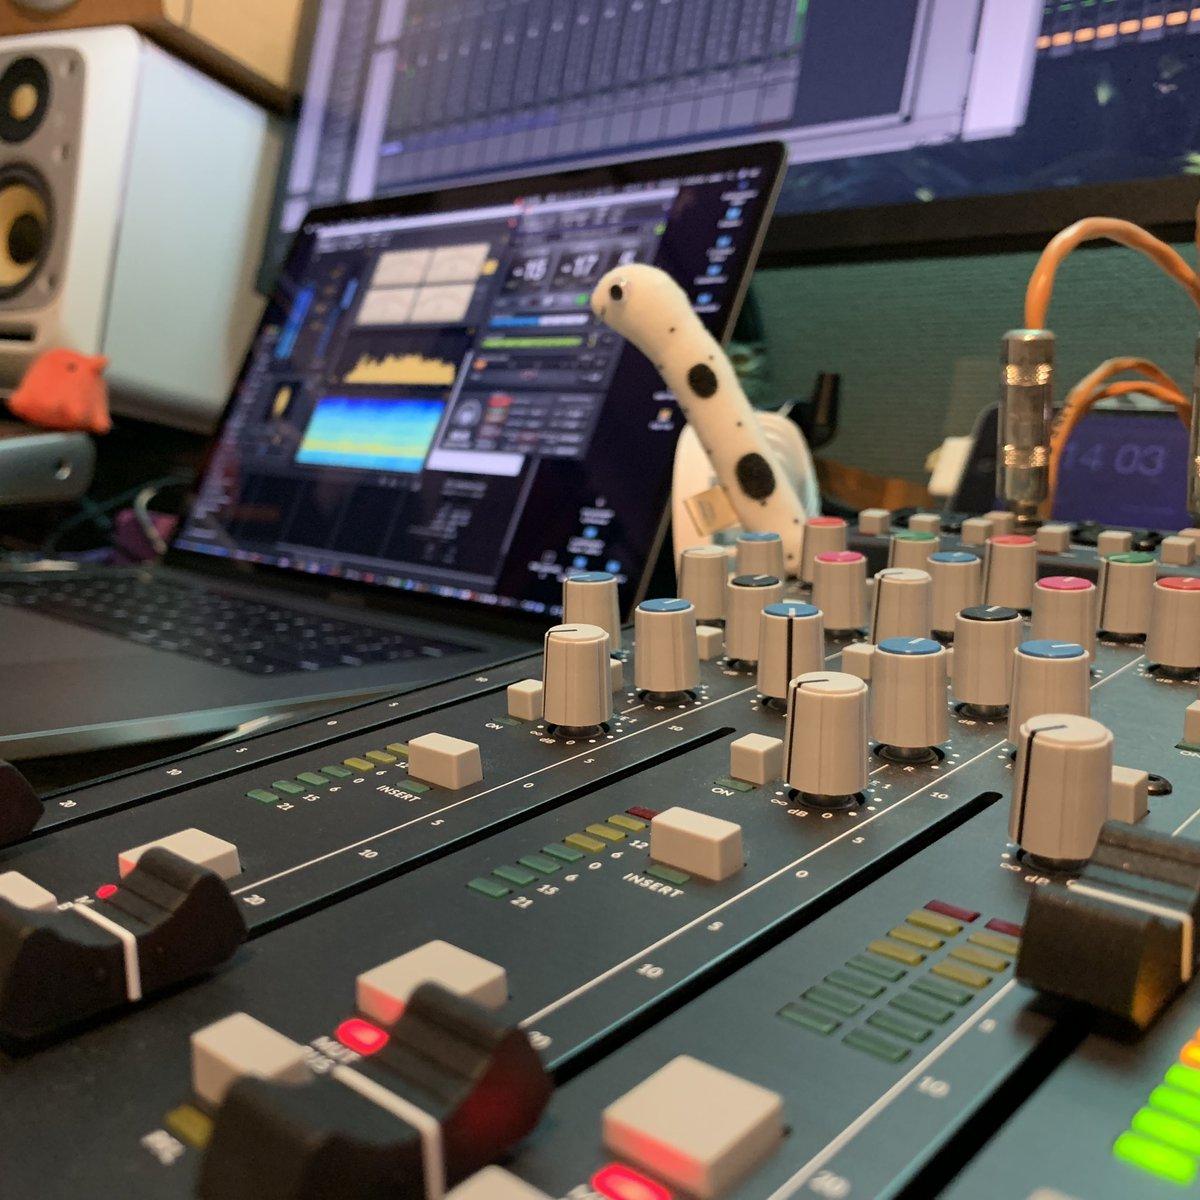 コンピレーションALのマスタリング 本日も篭ってます♫  https://www.instagram.com/naoki_onwave/  #RecordingEngineer #MixingEngineer #SoundProducer #NaokiJYomogida #蓬田尚紀 #OnWaveMusic #GainGroundStudio #Mastering #GoodSoundGoodMusic #ProTools #AntelopeAudio #SSLSIX #DA3000 #TASCAM #DSDMasterpic.twitter.com/728VNWRywU